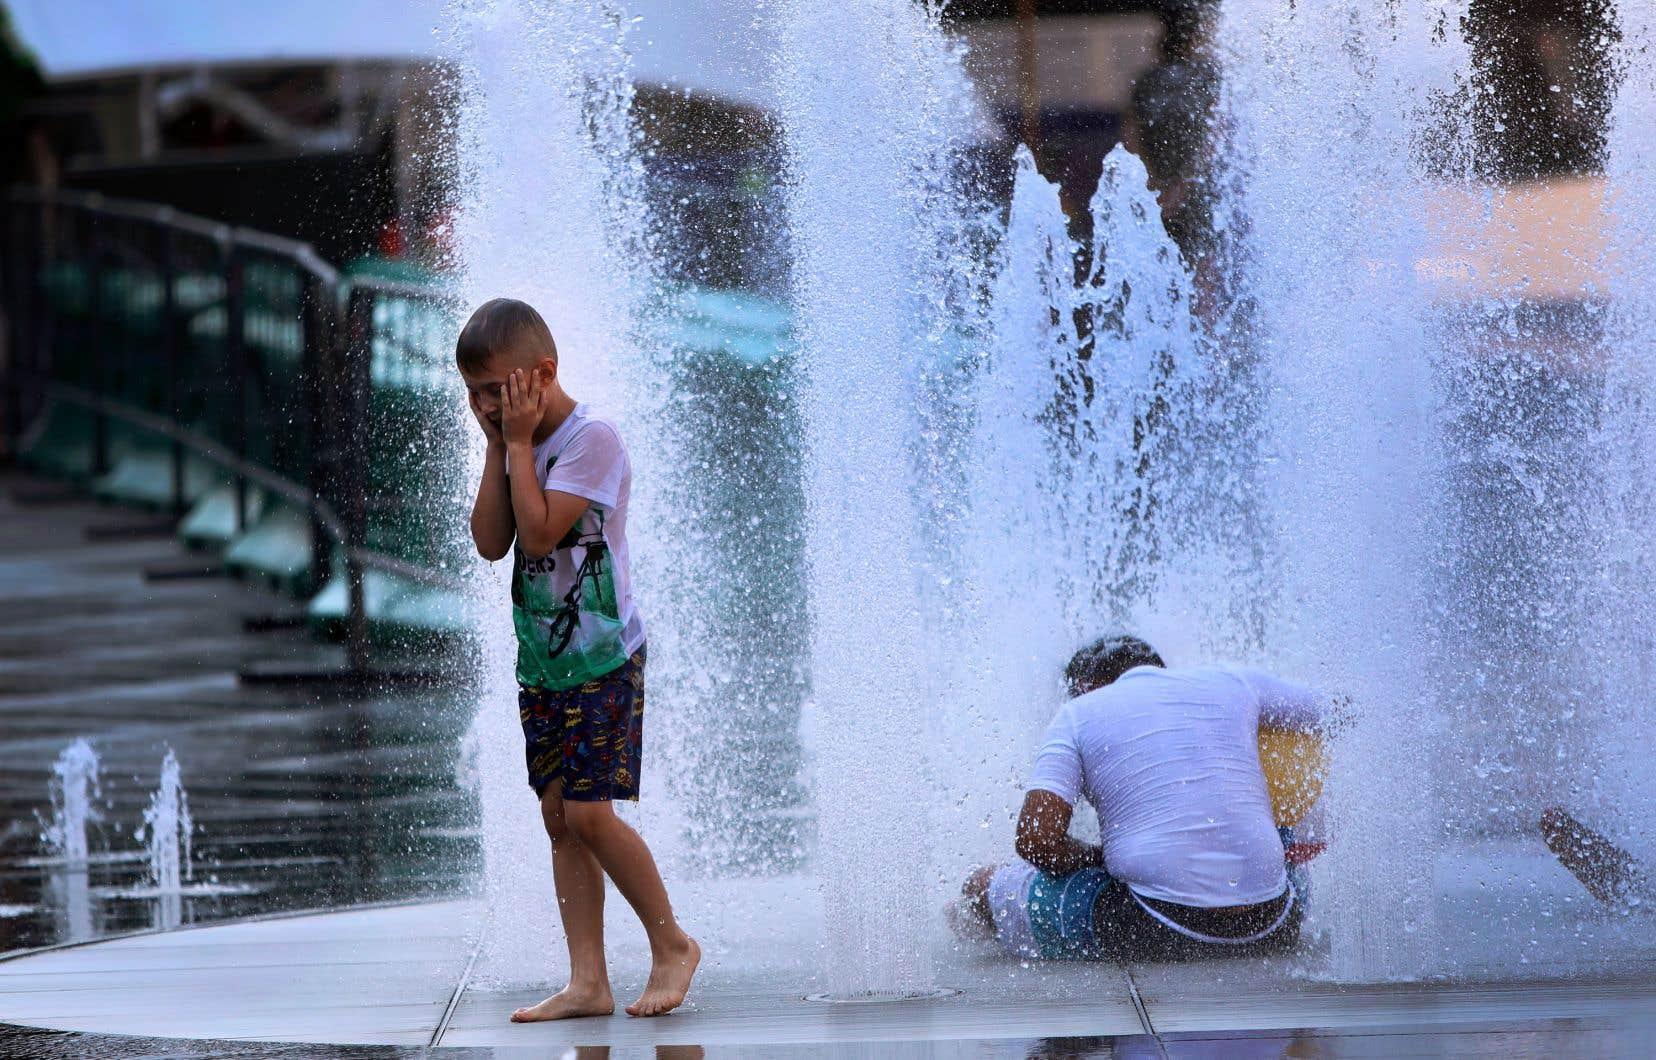 Au cours de la semaine, les températures et l'humidité ont battu des records.